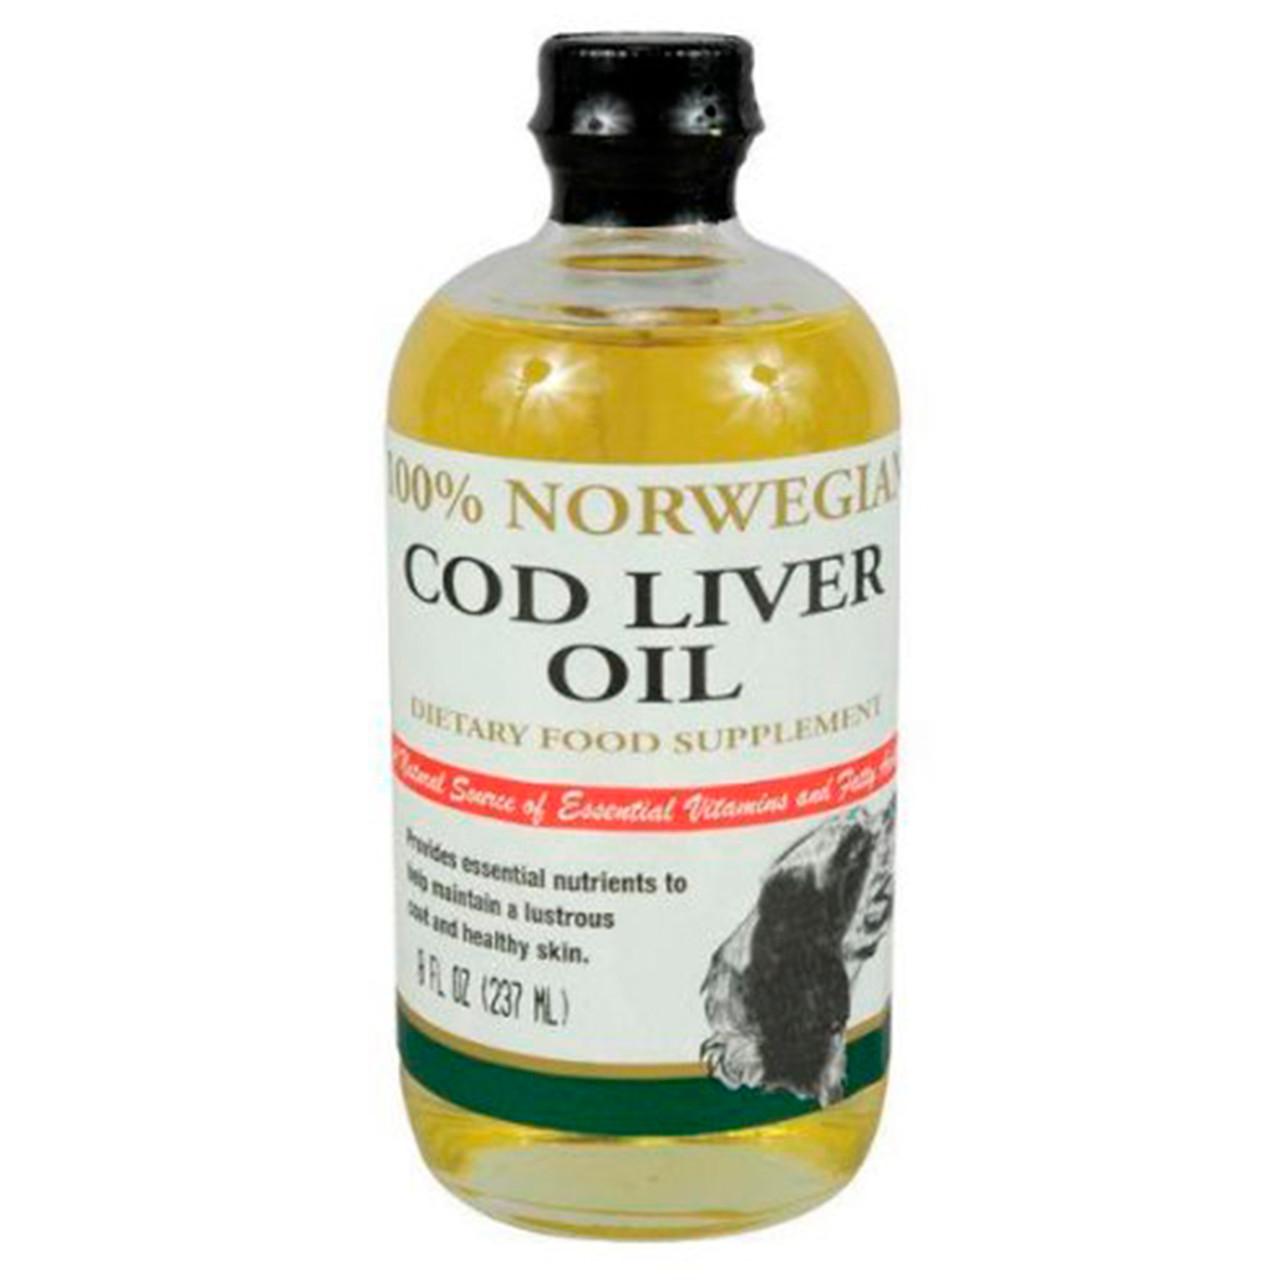 616 Cod Liver Oil